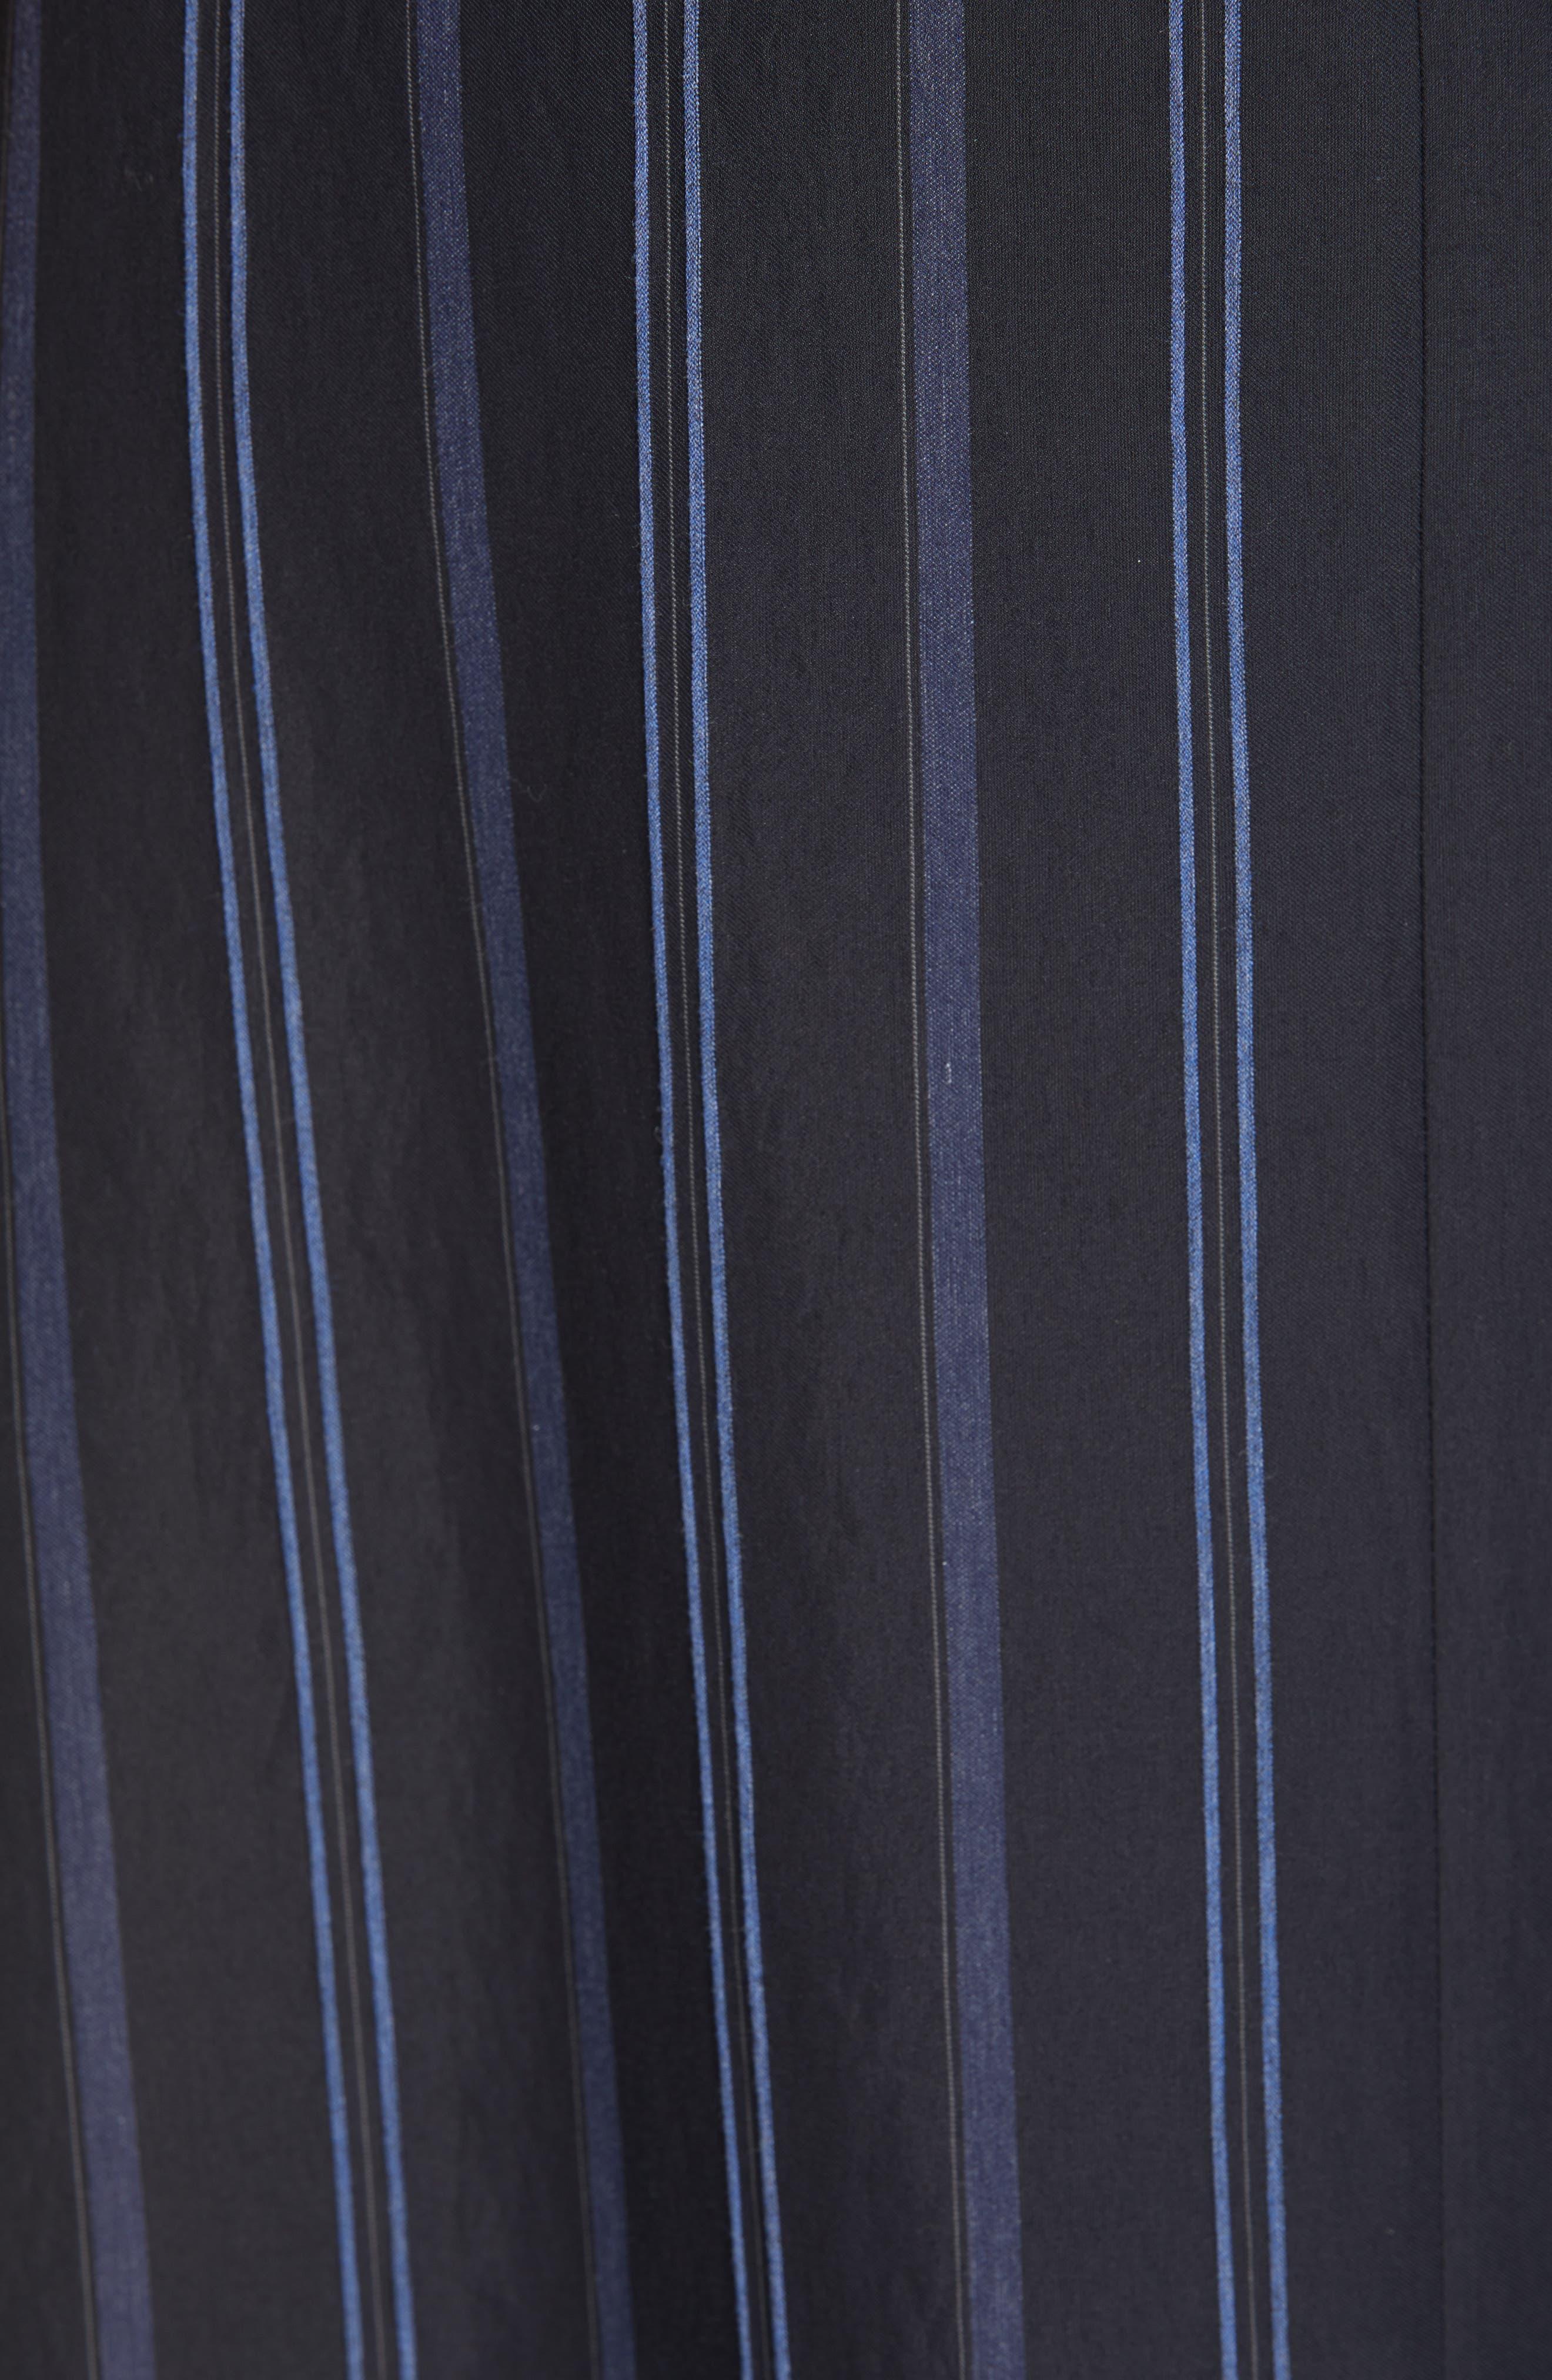 VINCE, Dobby Stripe Belted Skirt, Alternate thumbnail 5, color, INDIGO